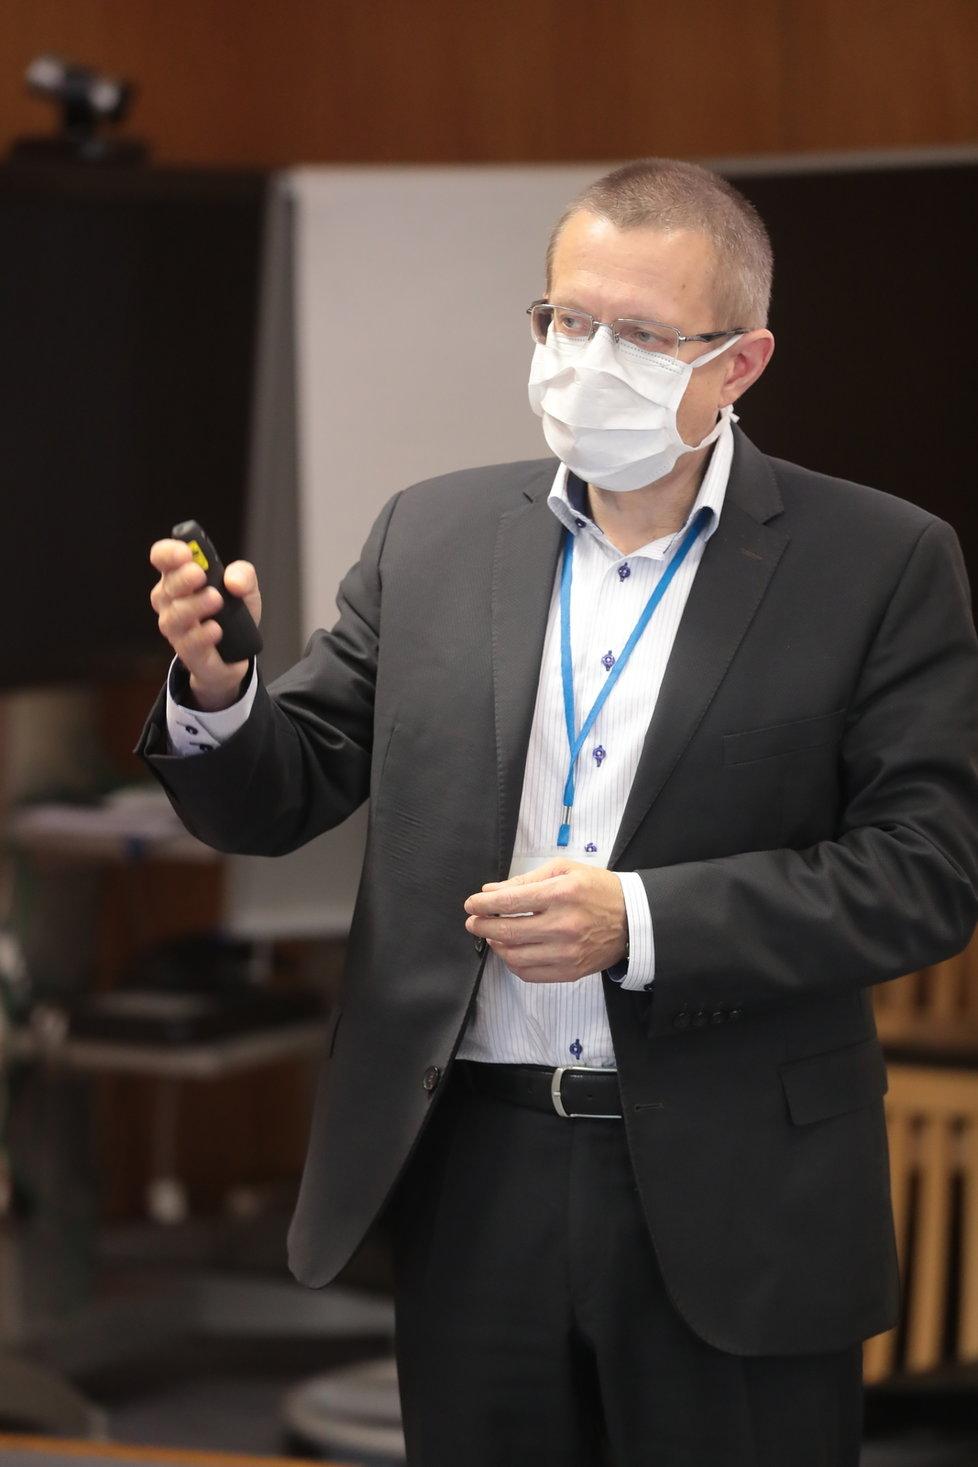 Šéf statistiků ÚZIS Ladislav Dušek na tiskovce ministerstva zdravotnictví (13.11.2020)